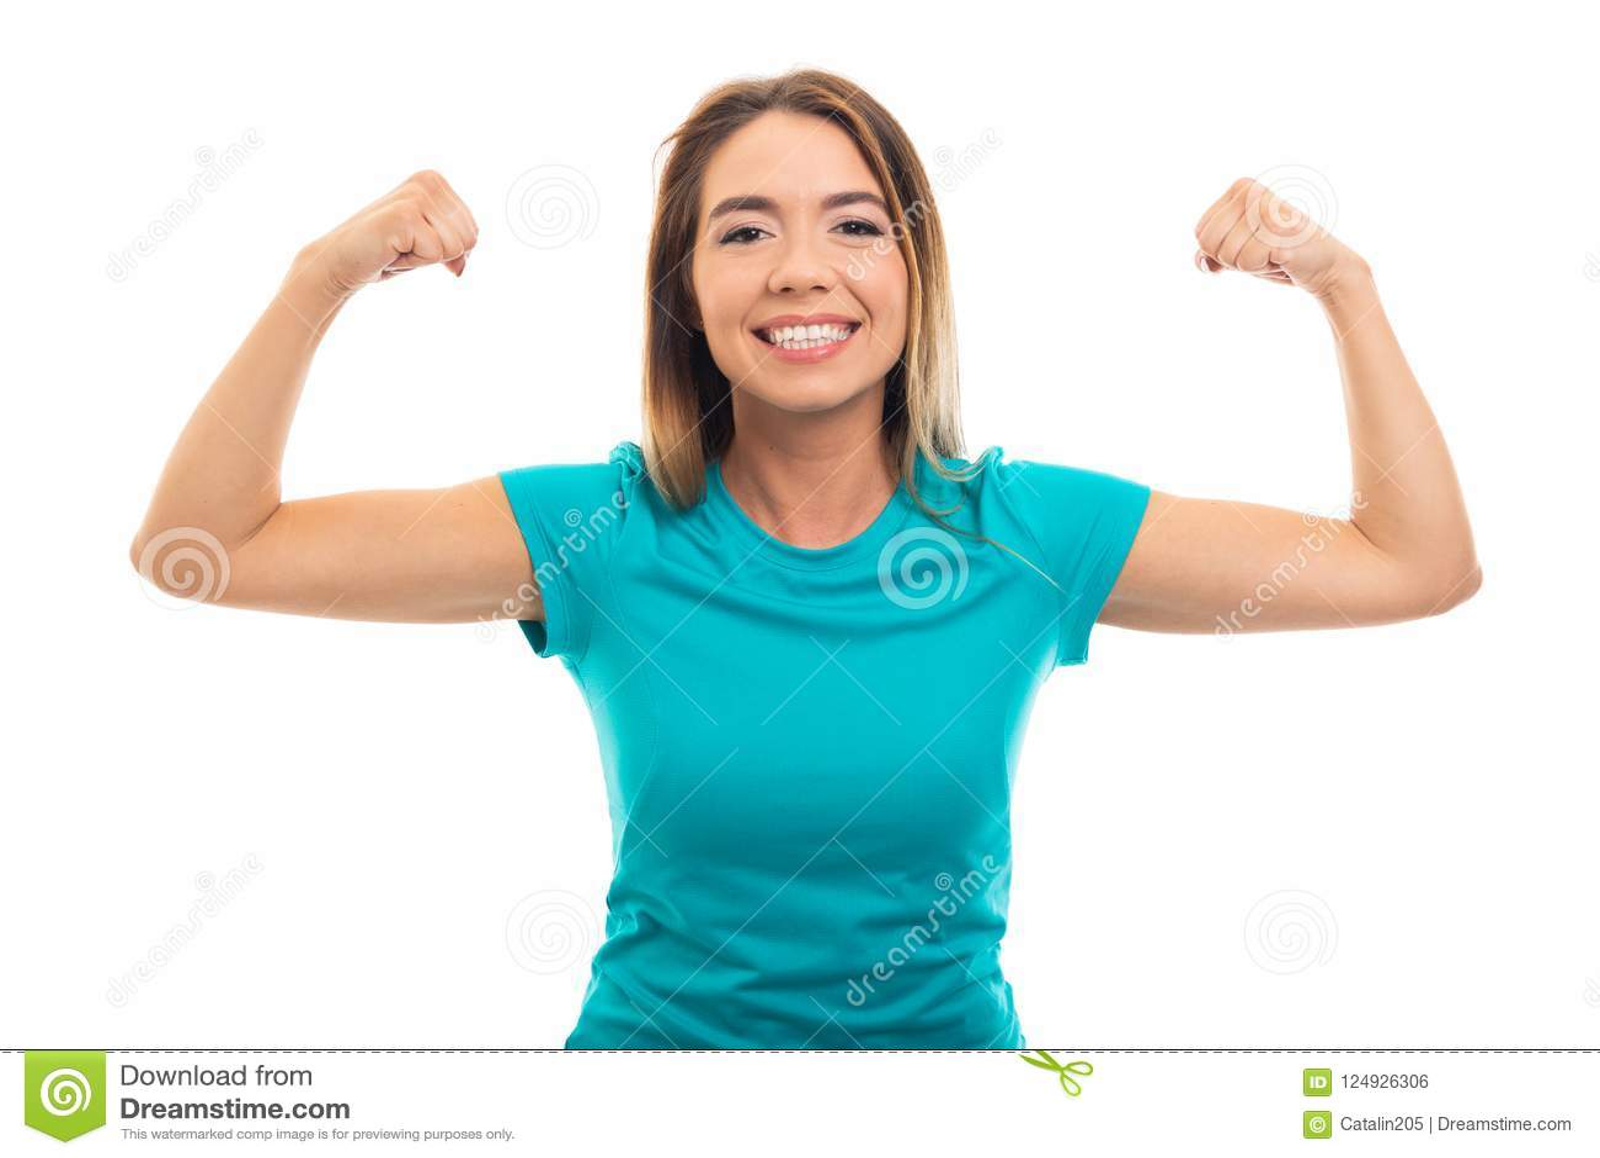 Porträt des tragenden T-Shirts des jungen hübschen Mädchens, das Bizeps ges biegt